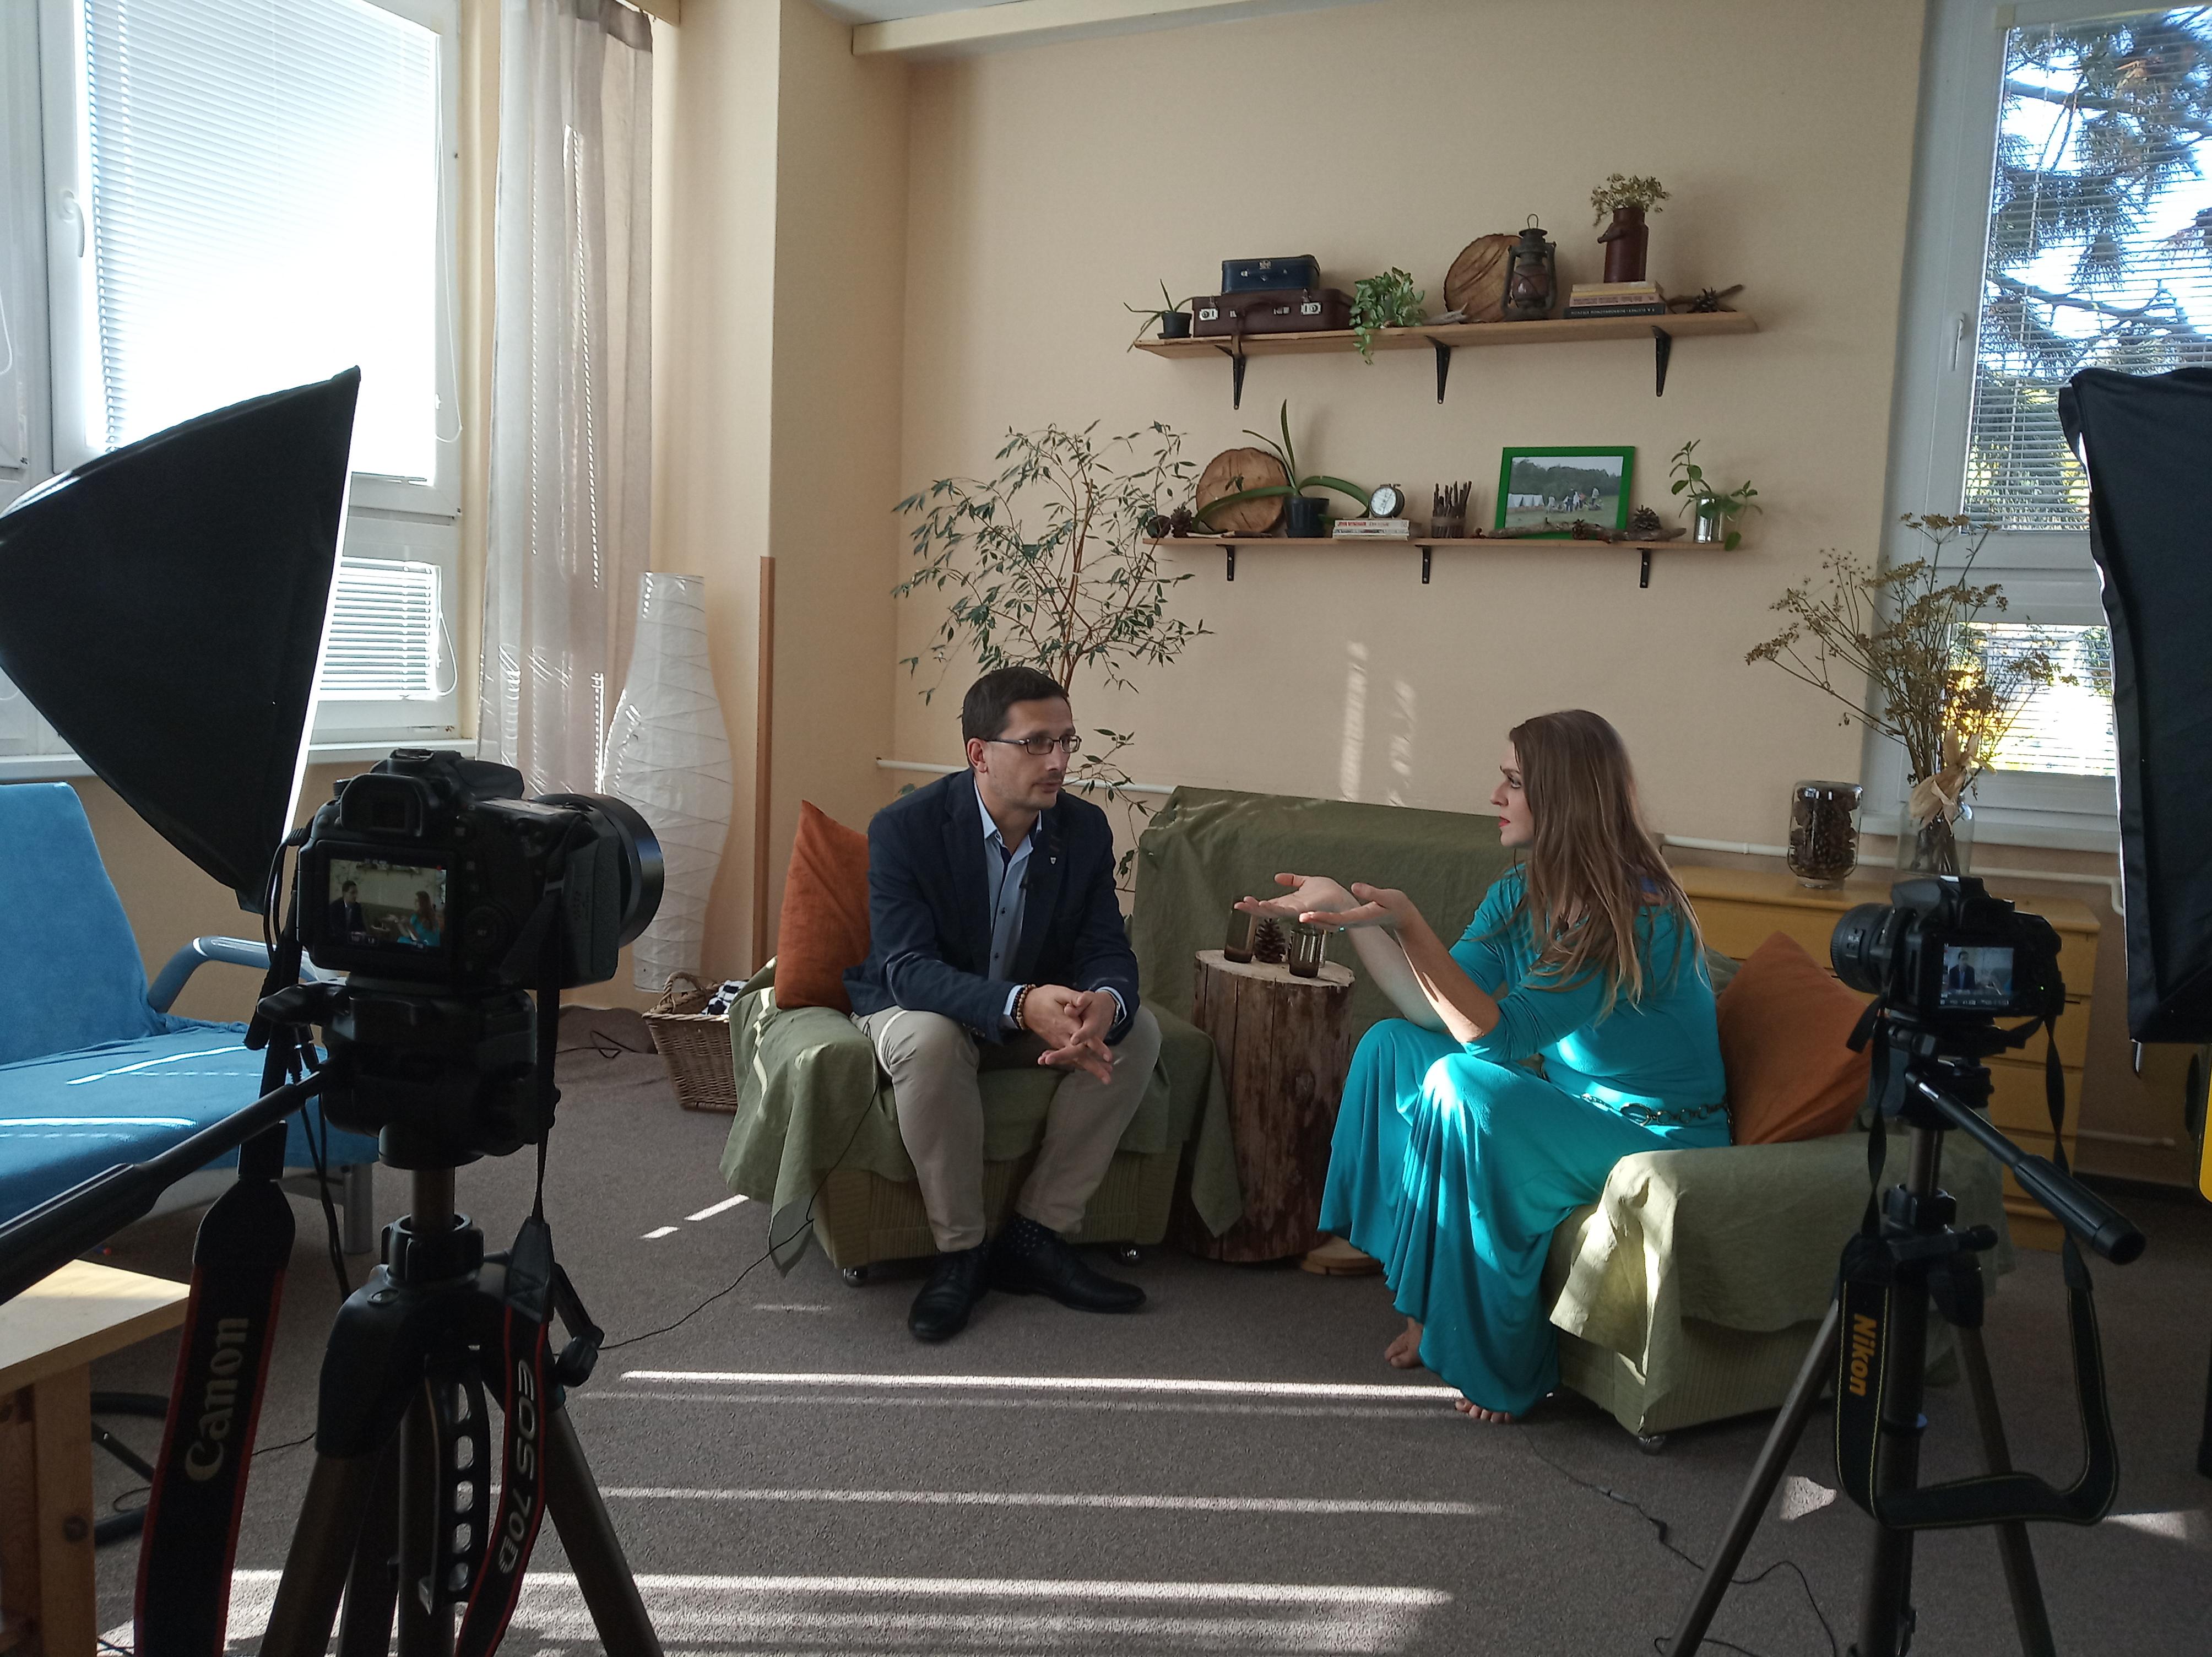 Rozhovor s Janem Burdou, předsedou Rady dětí a mládeže o založení a fungování neziskovky